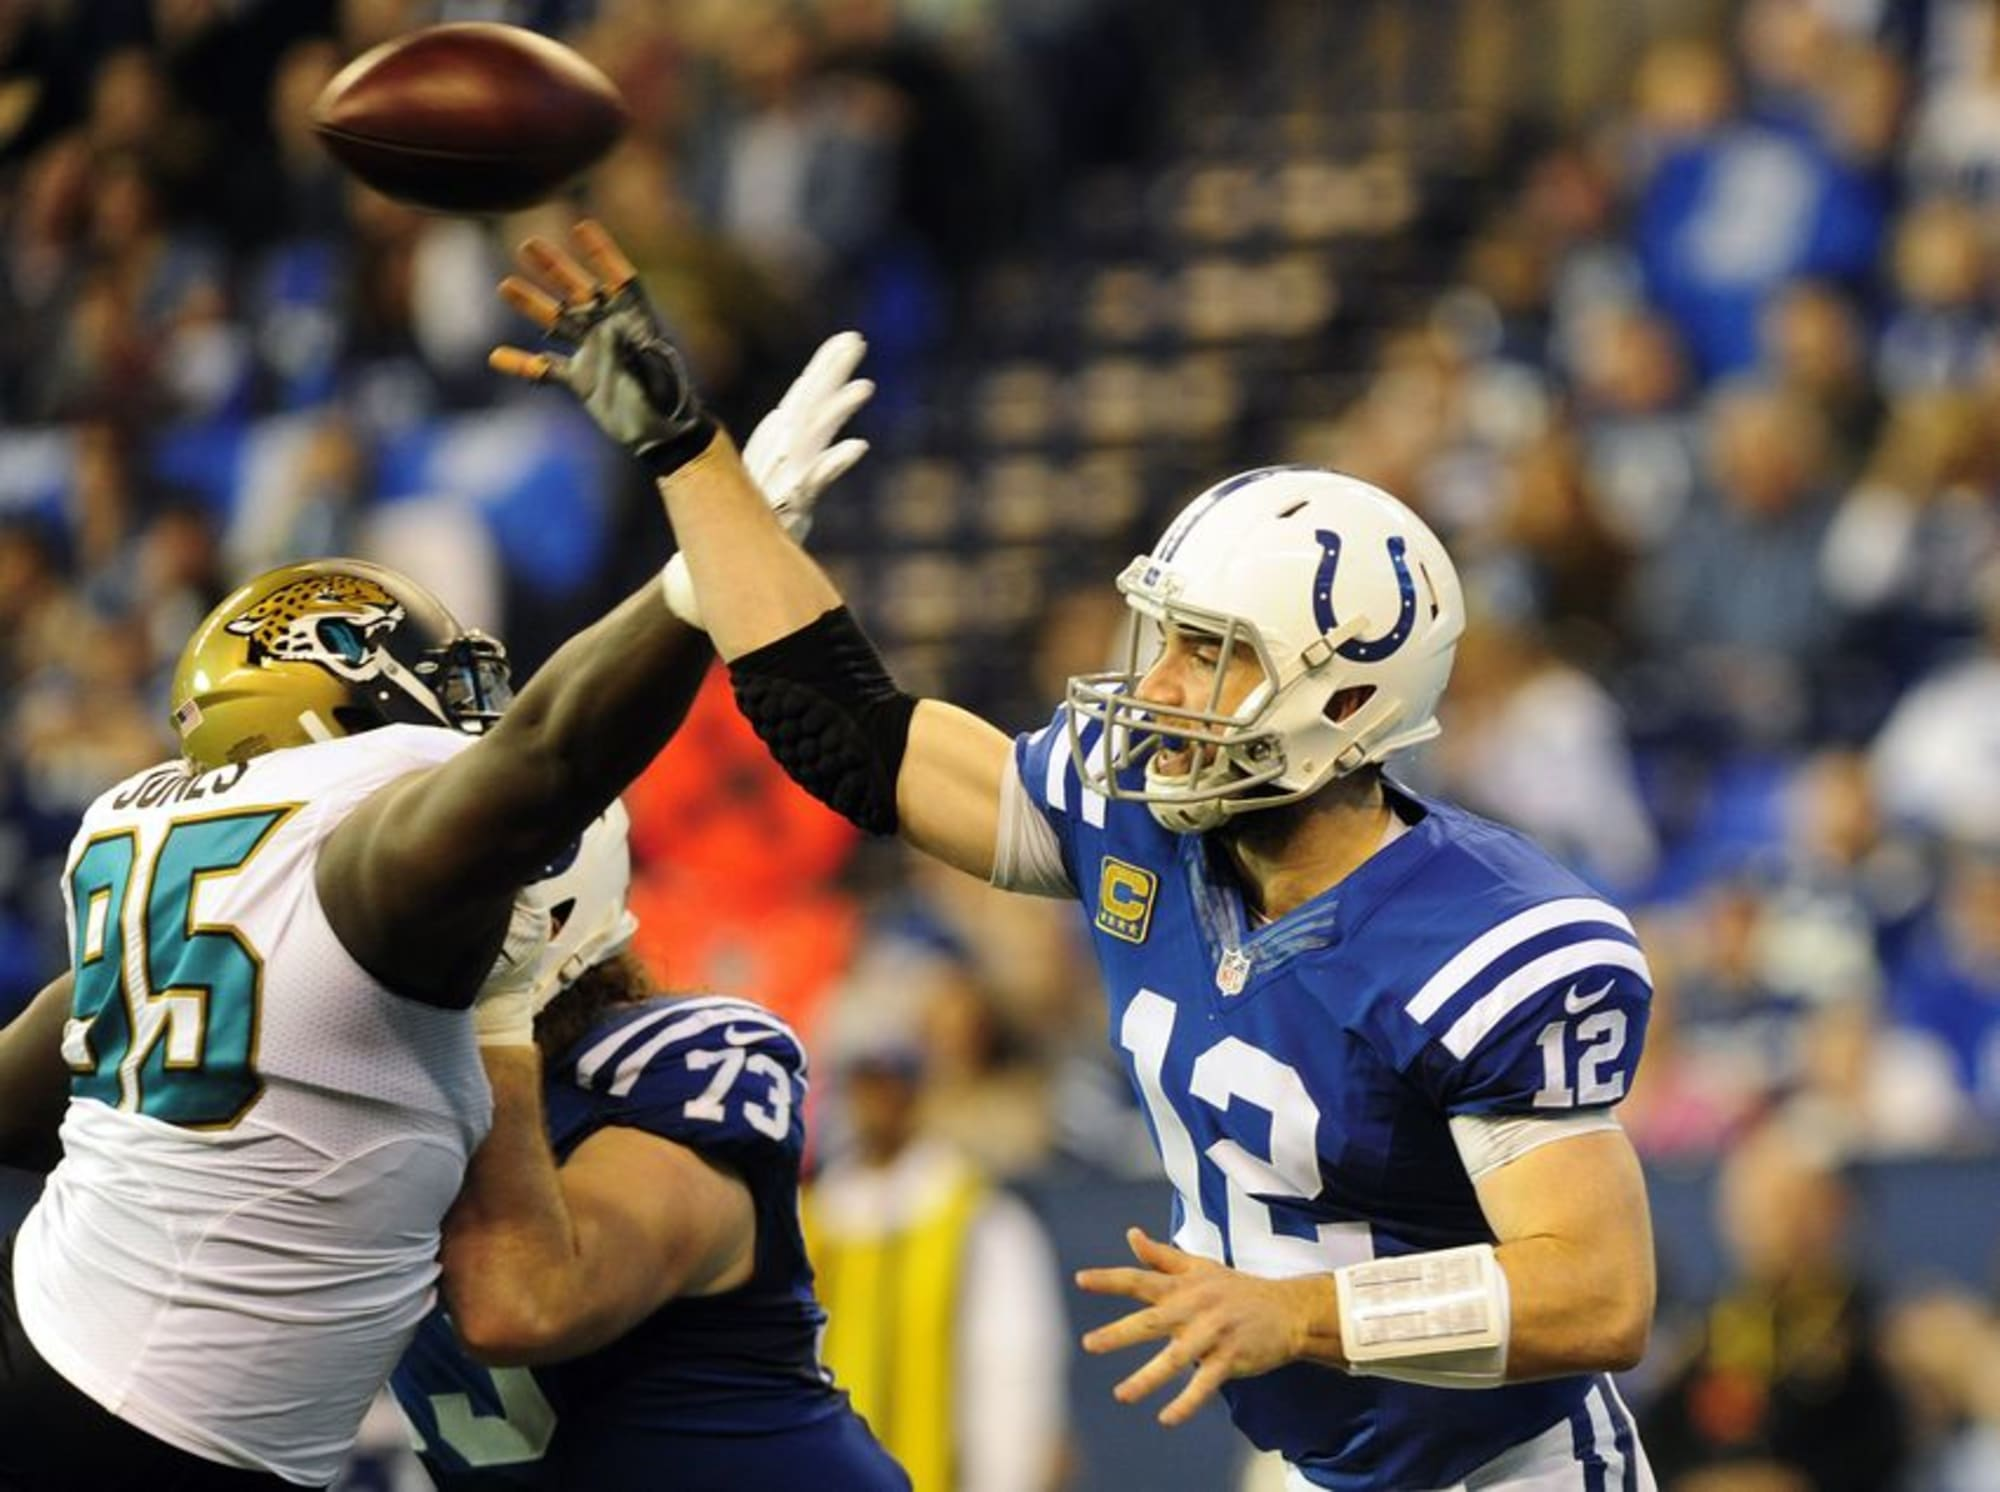 Nfl: Indianapolis Colts Vs Jacksonville Jaguars., 2 October